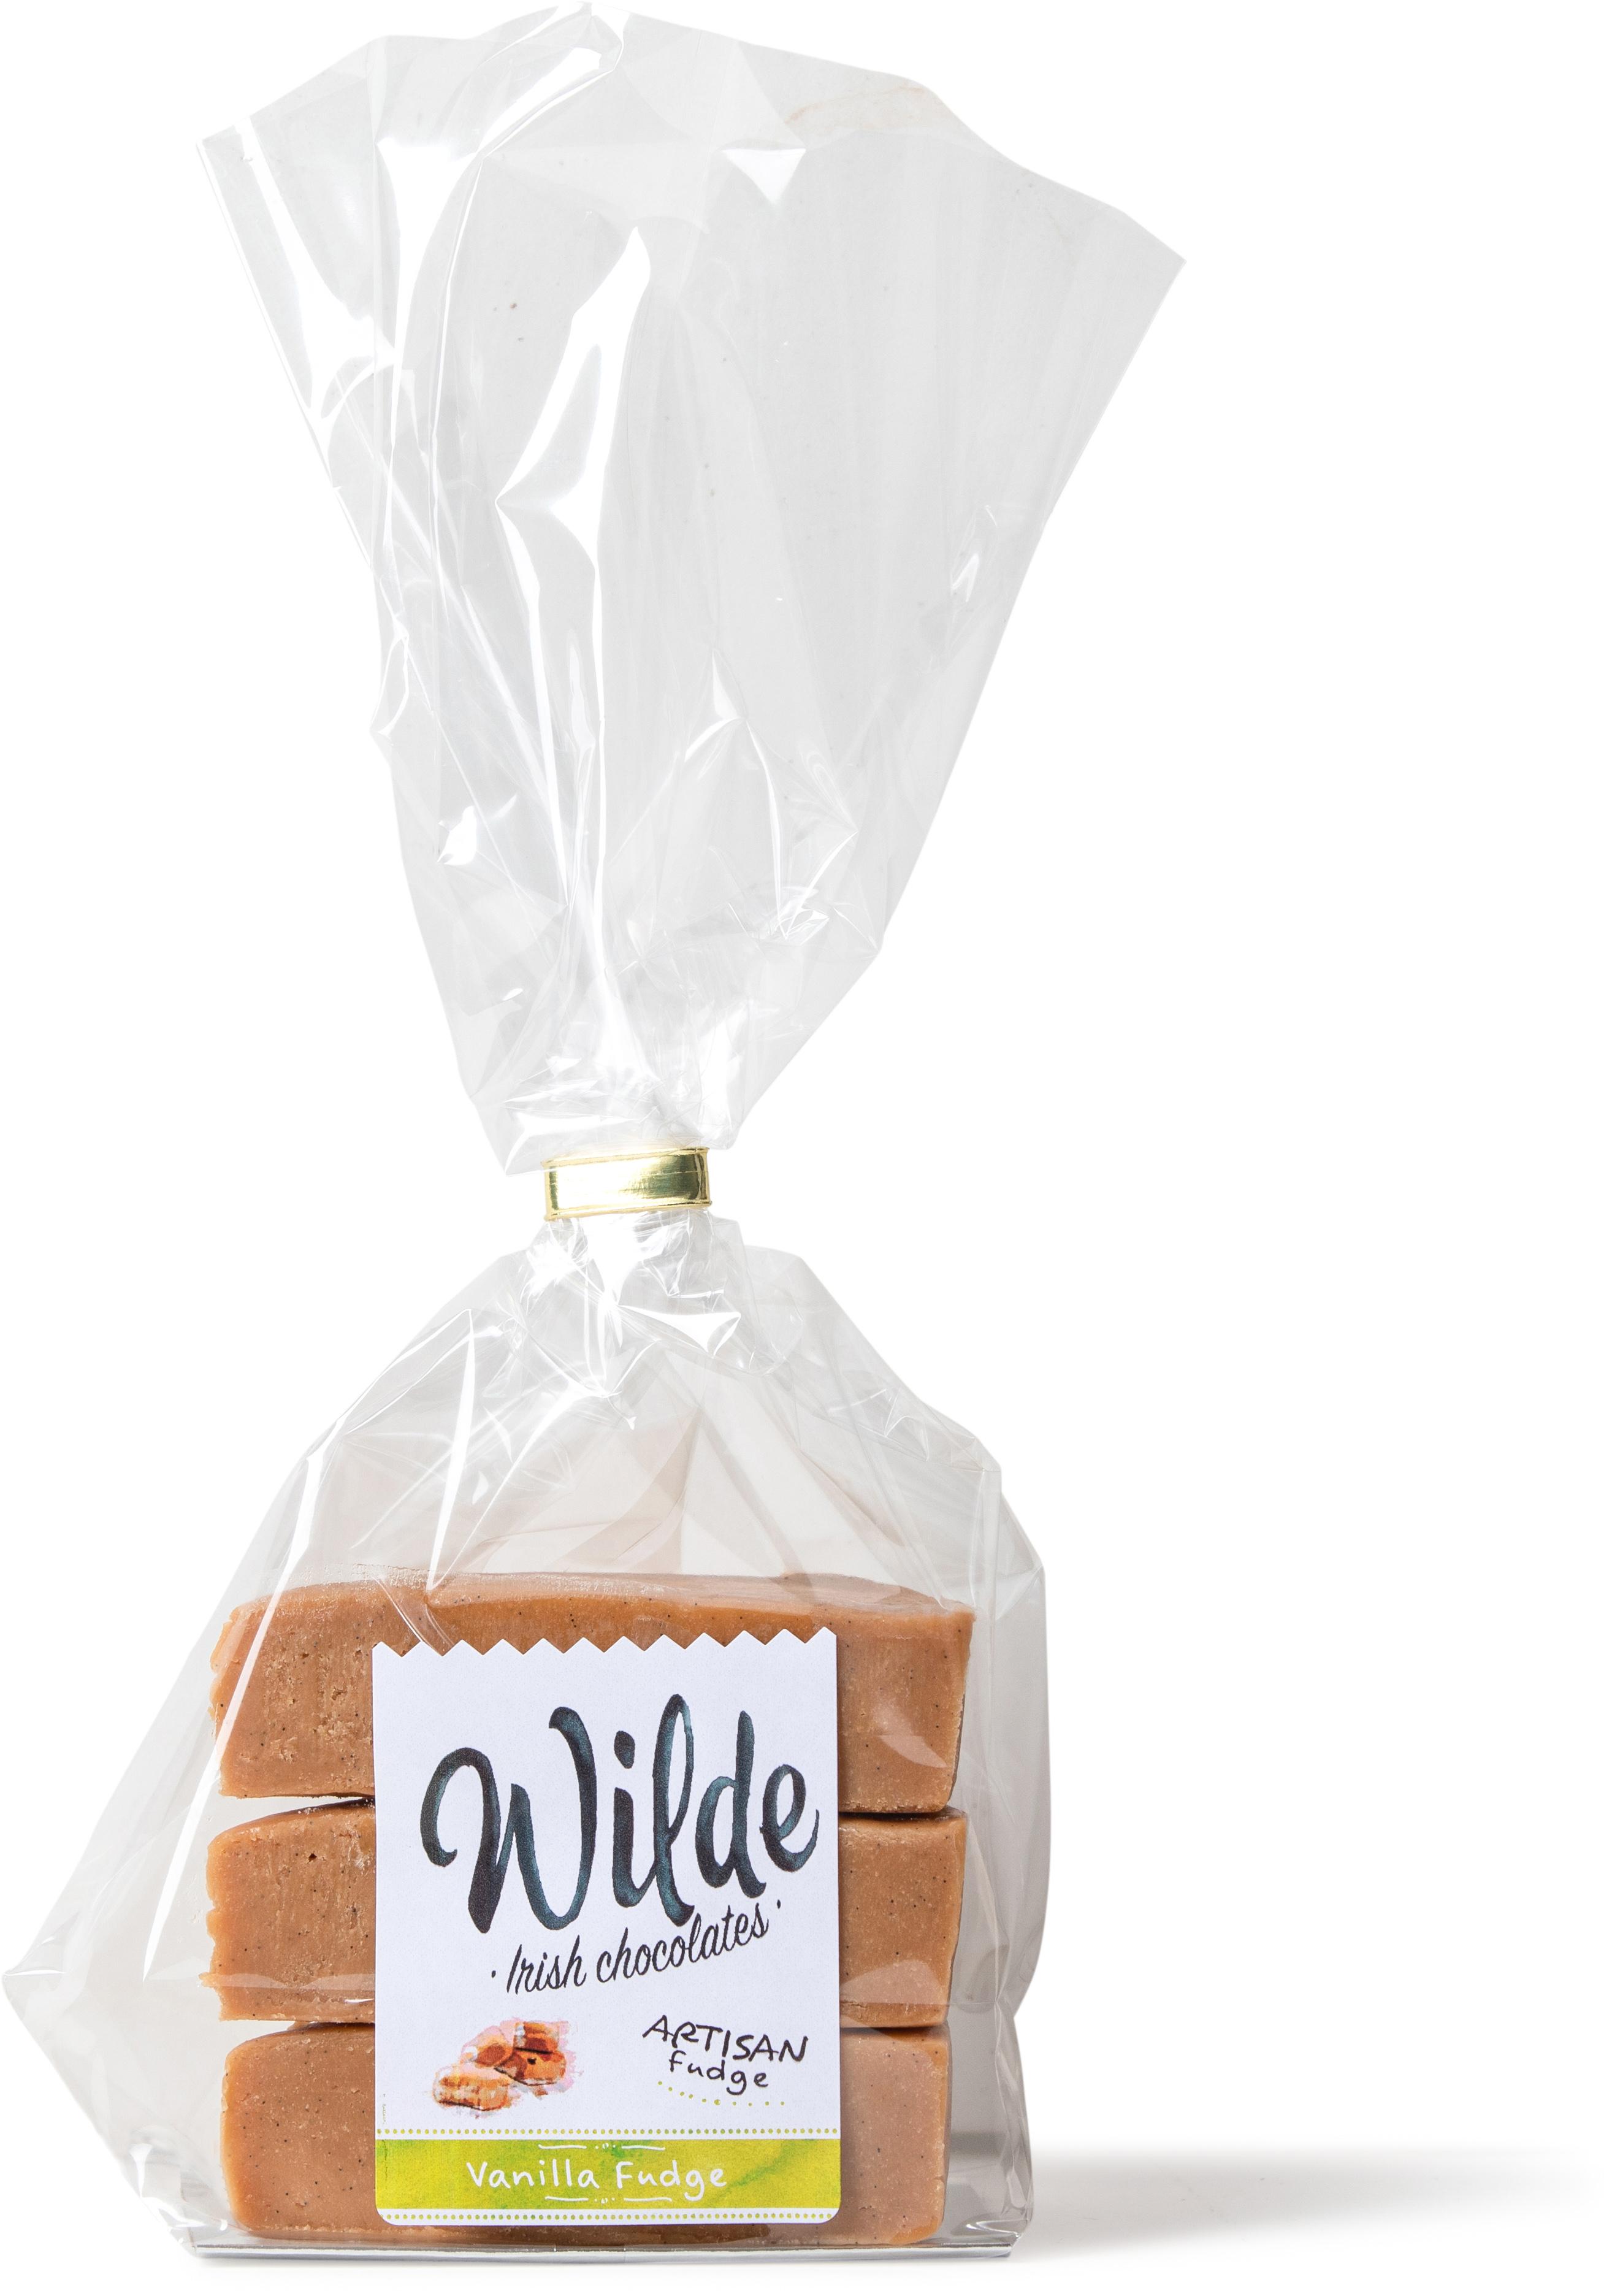 best chocolate fudge - Wilde Irish Chocolates